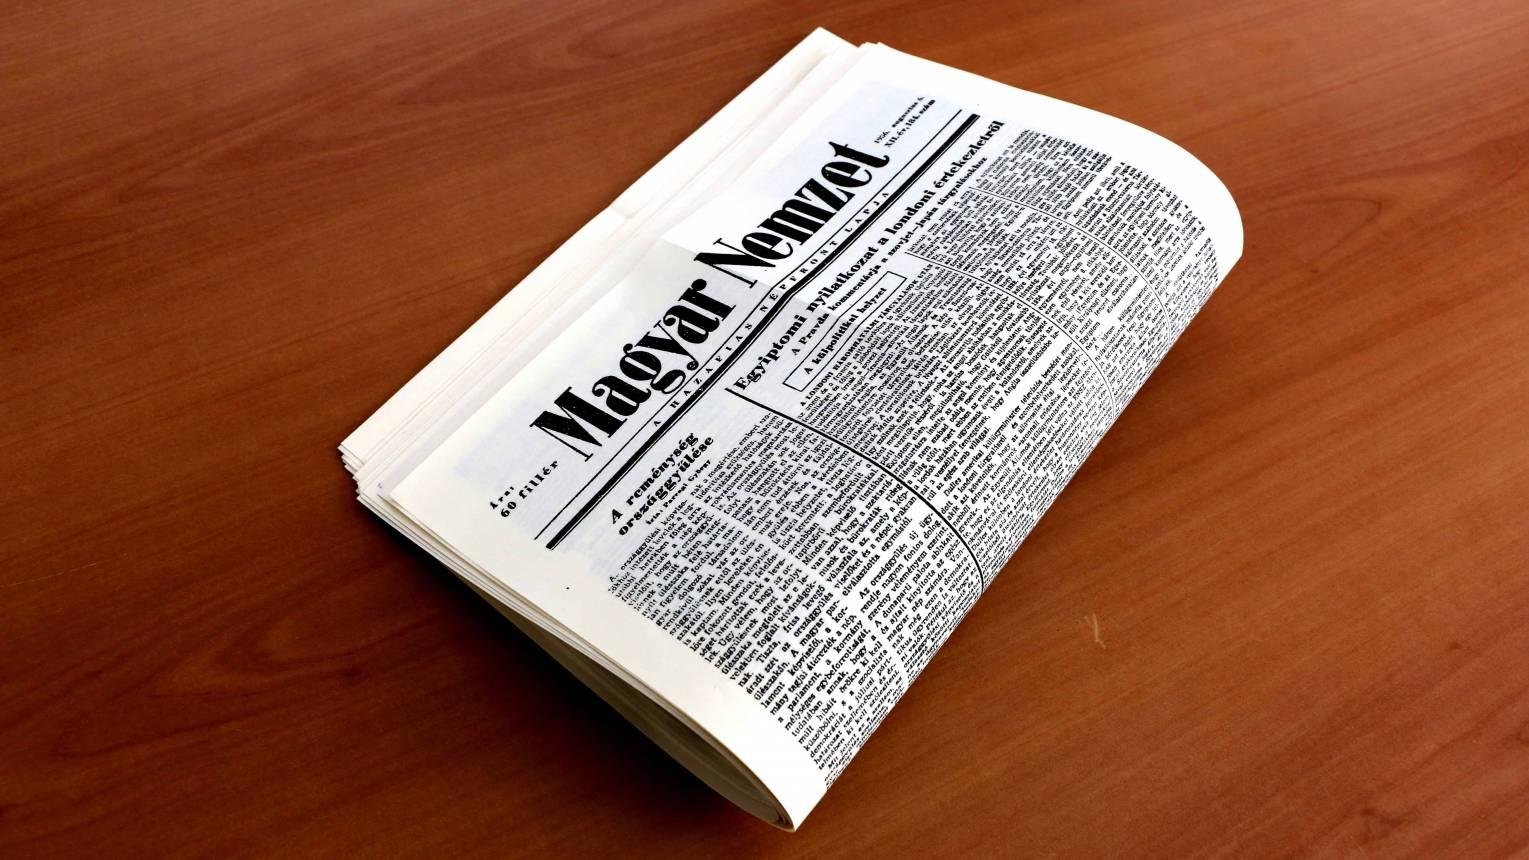 Születésnapi újság köszöntő nélkül